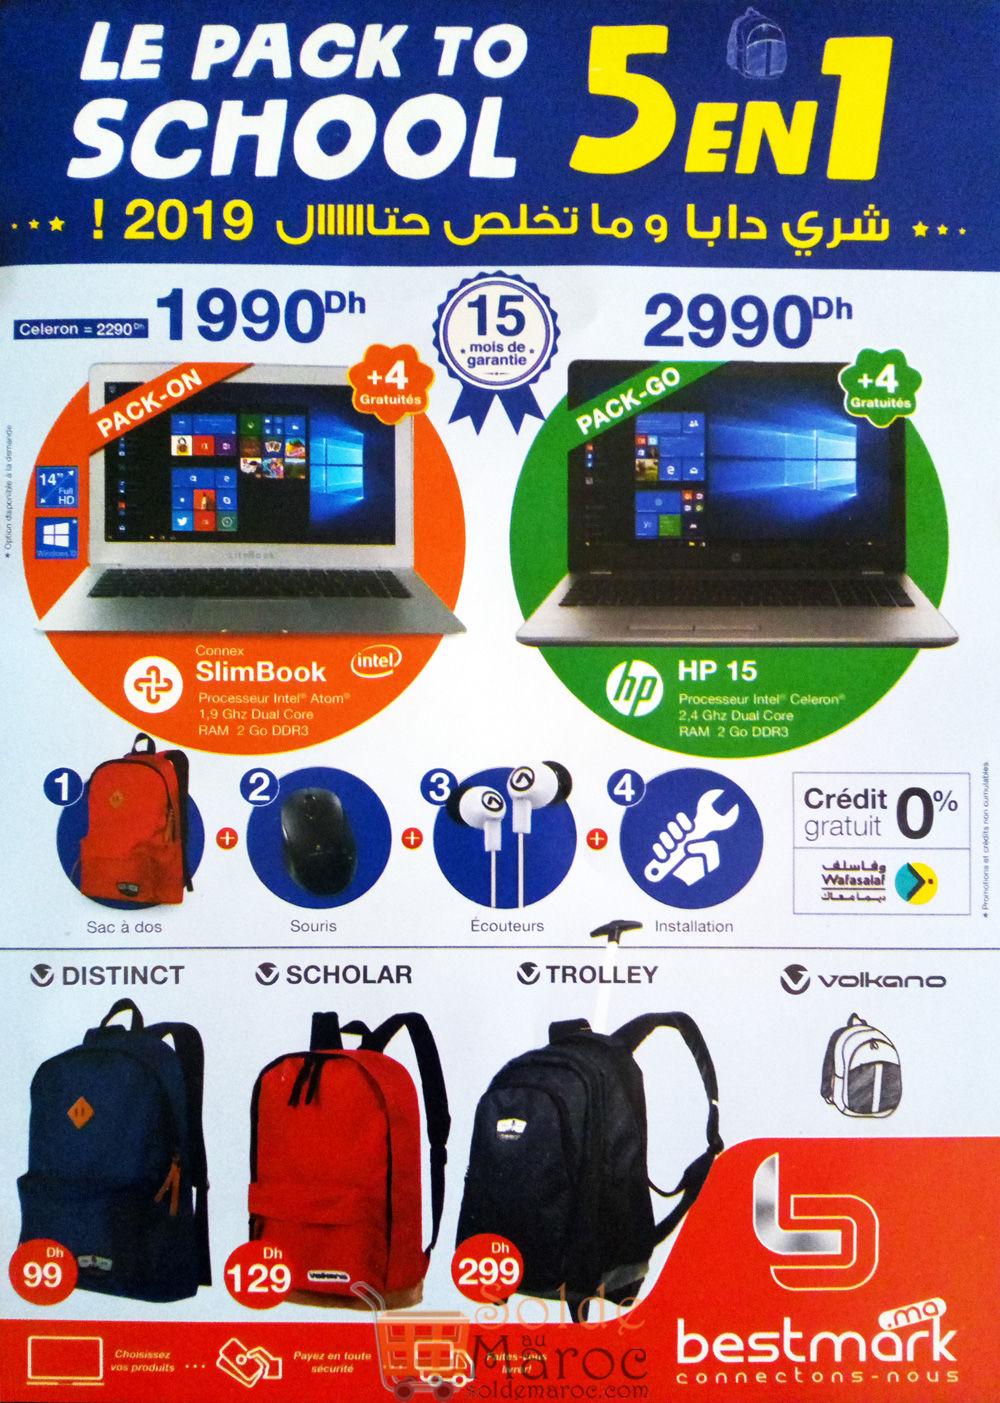 Flyer Bestmark Le Pack to School 5 en 1